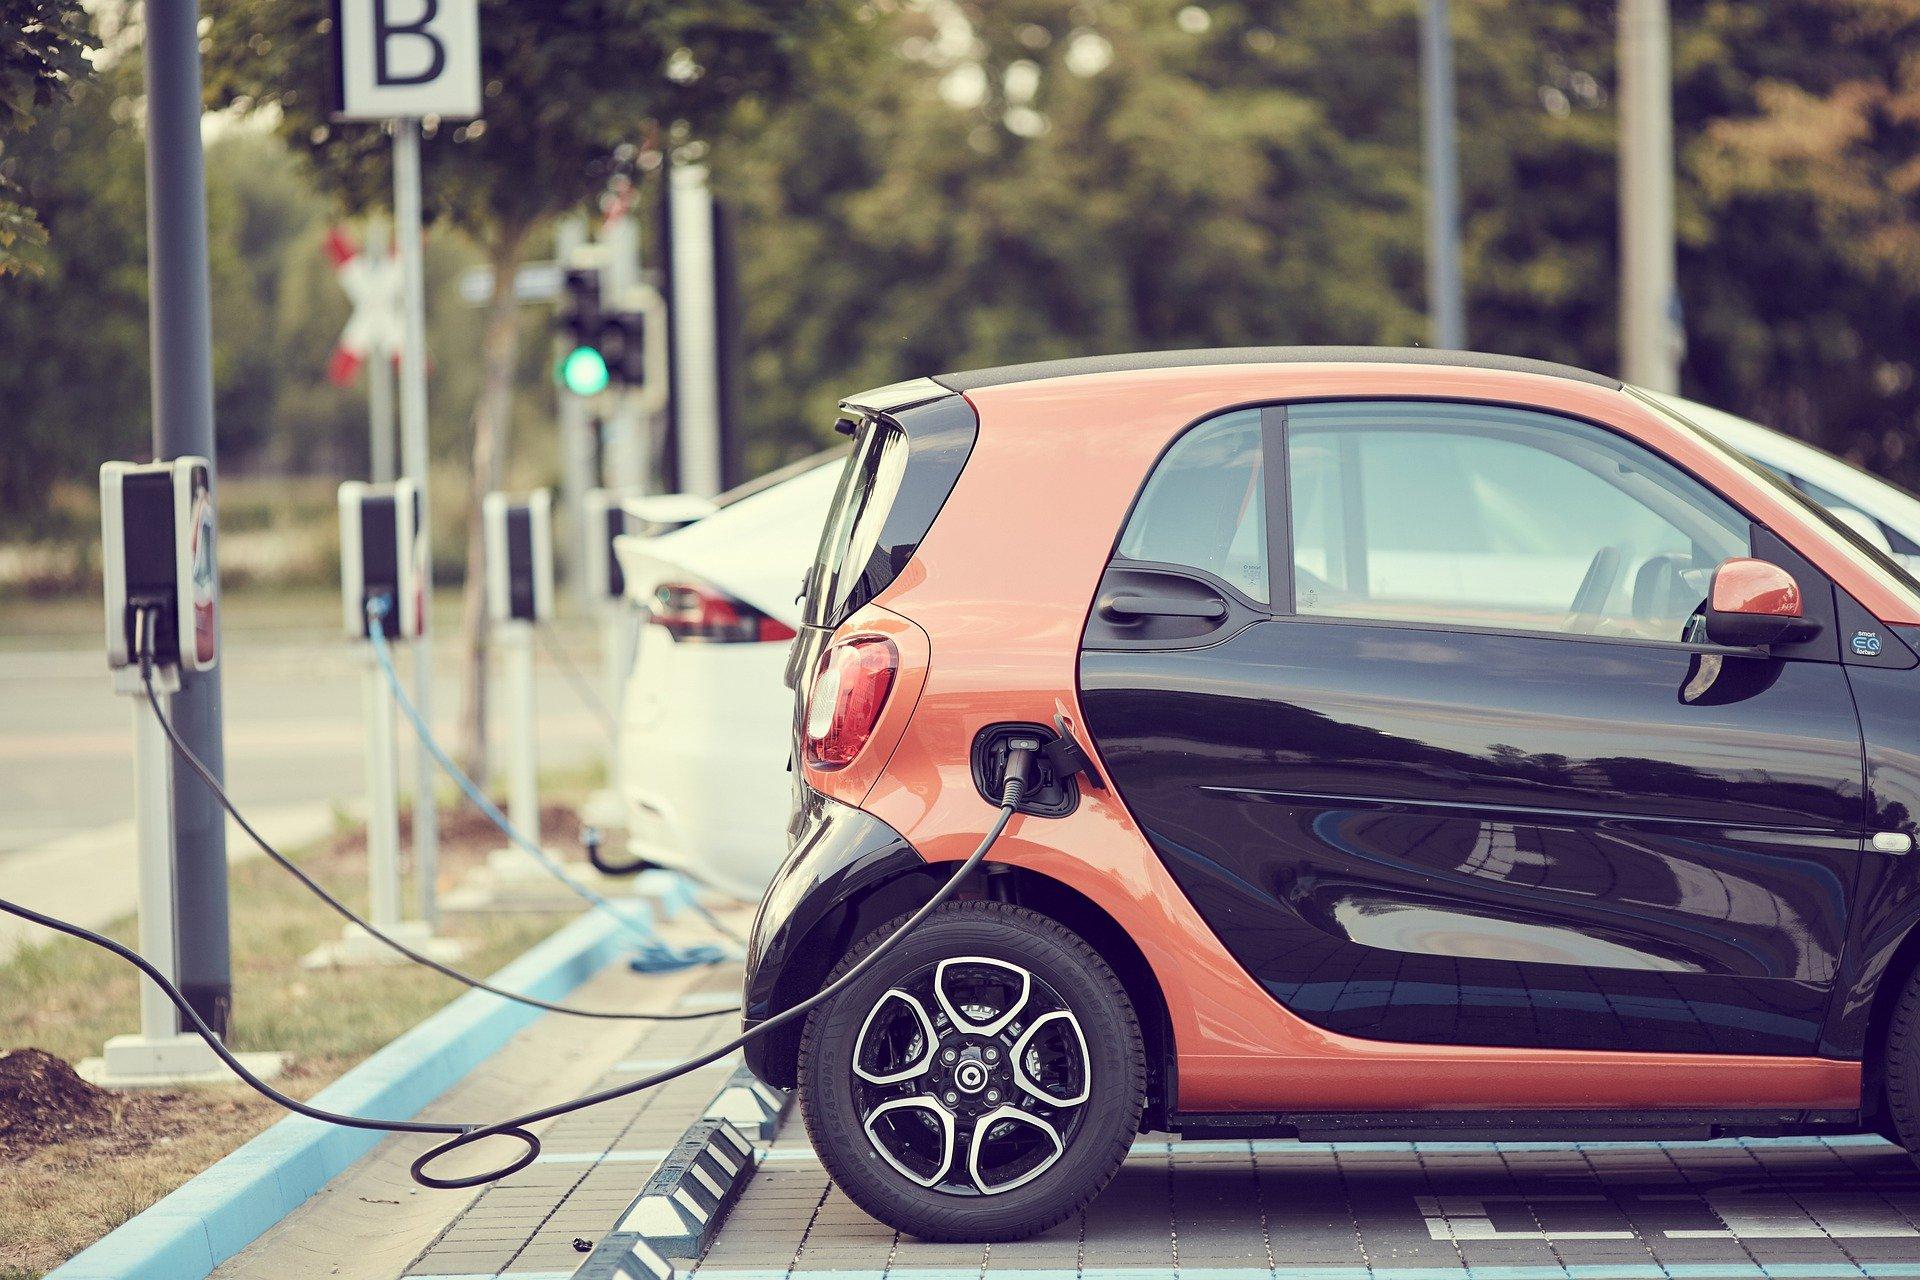 Einrichten eines e-carsharing Modells in Kitzingen: